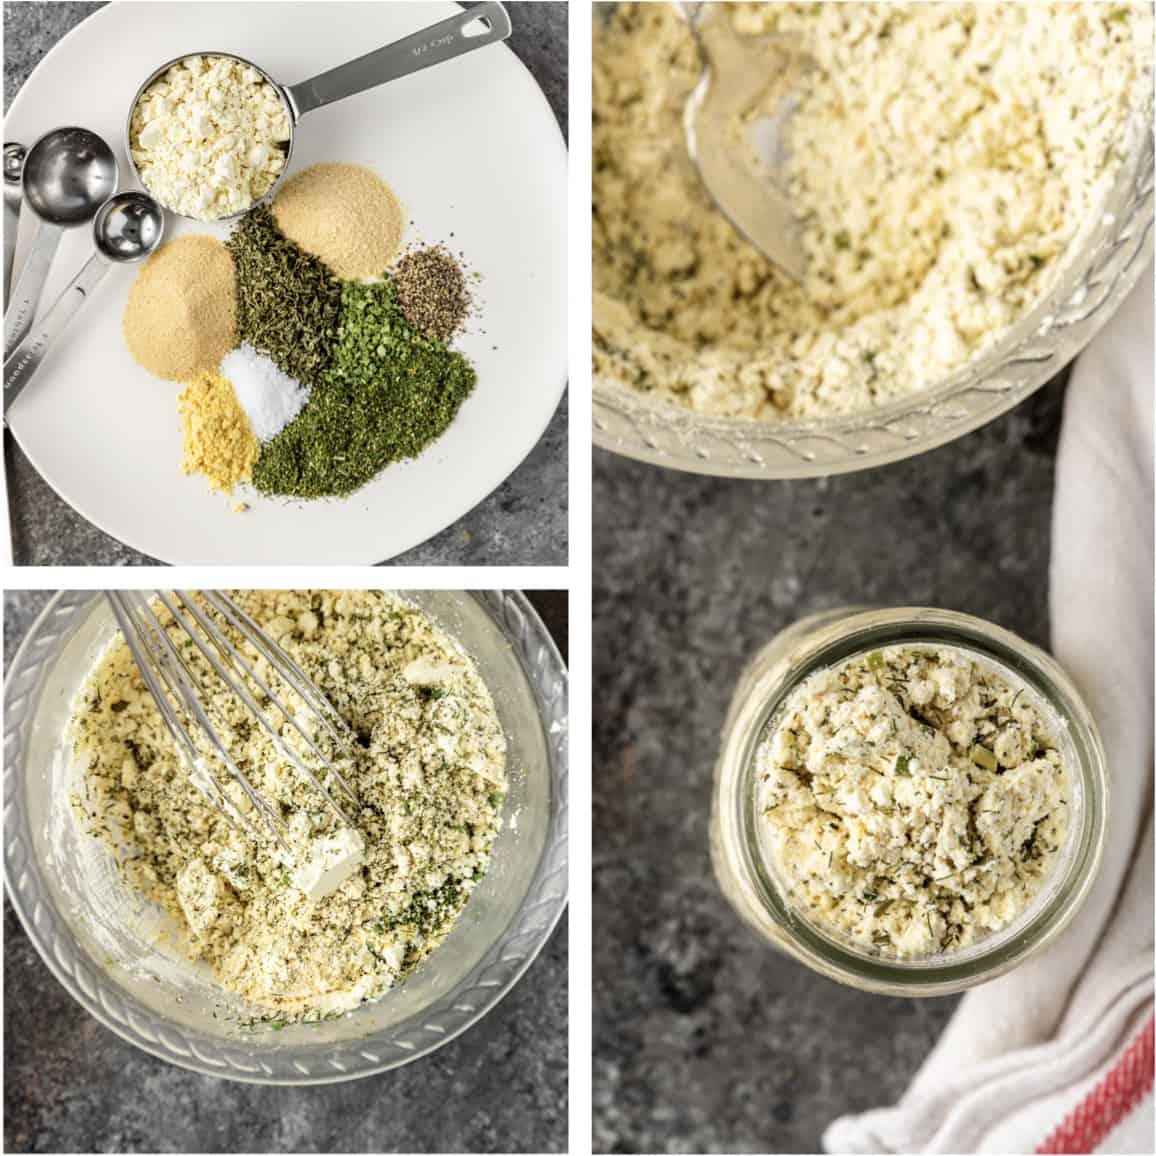 ingredients to make Ranch dressing seasoning mix